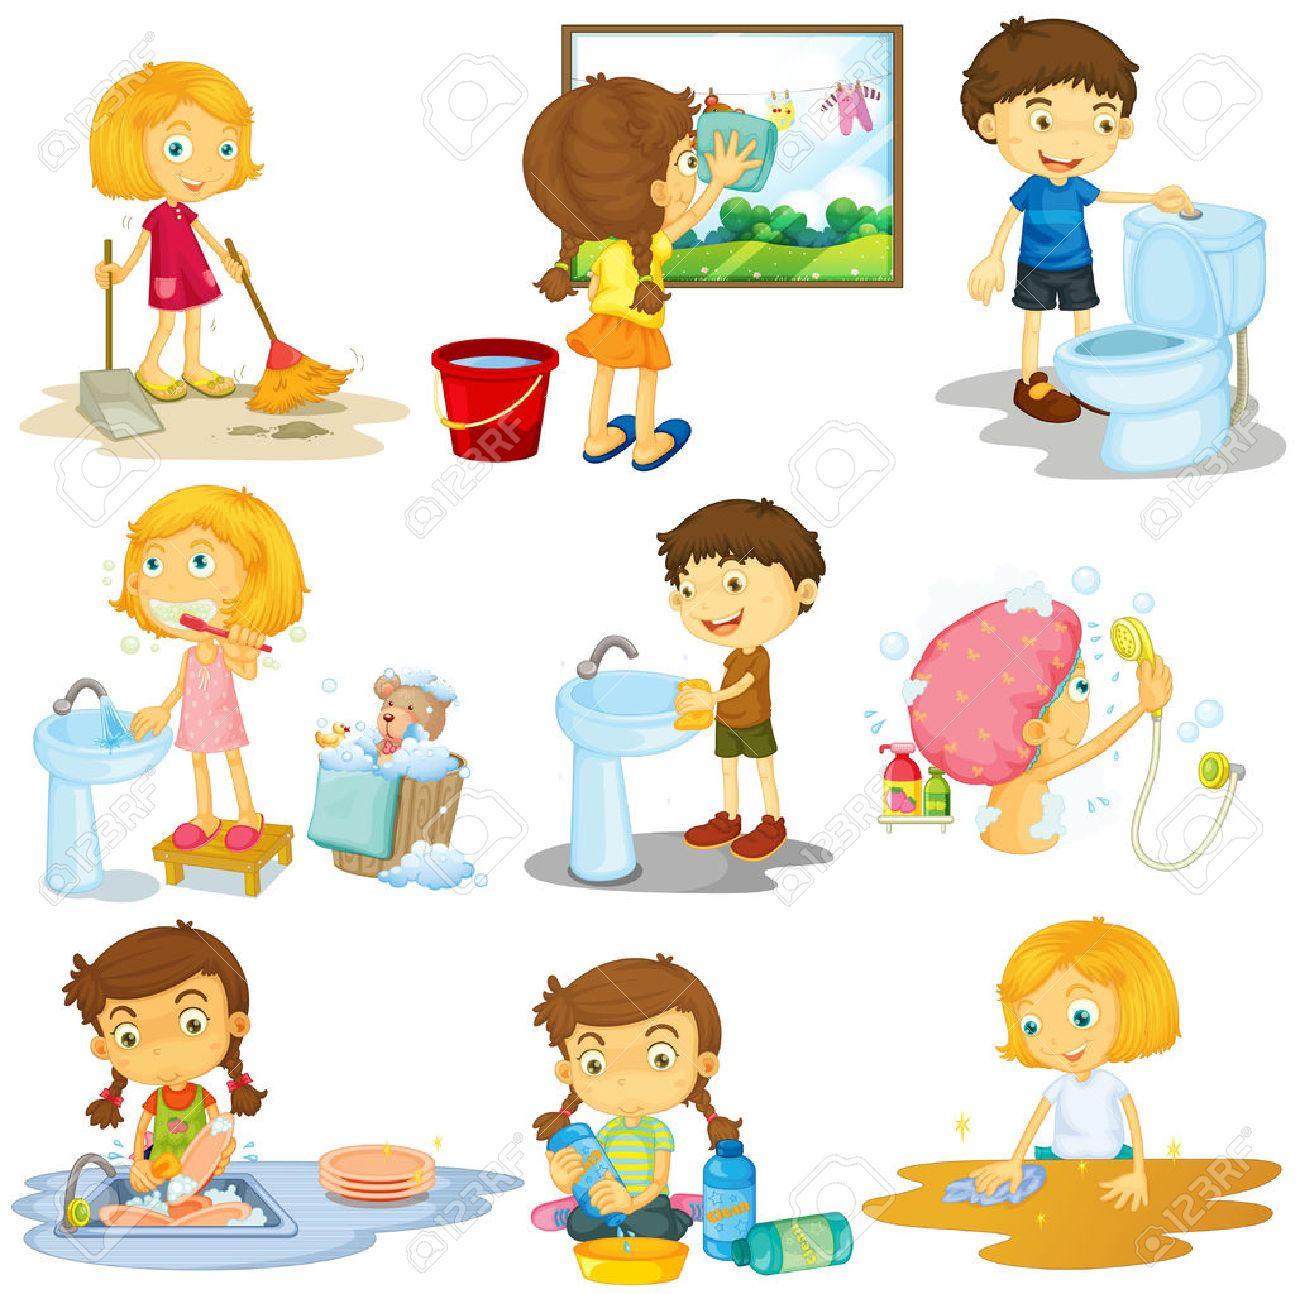 Niños Haciendo Diferentes Tareas De La Ilustración Ilustraciones ...